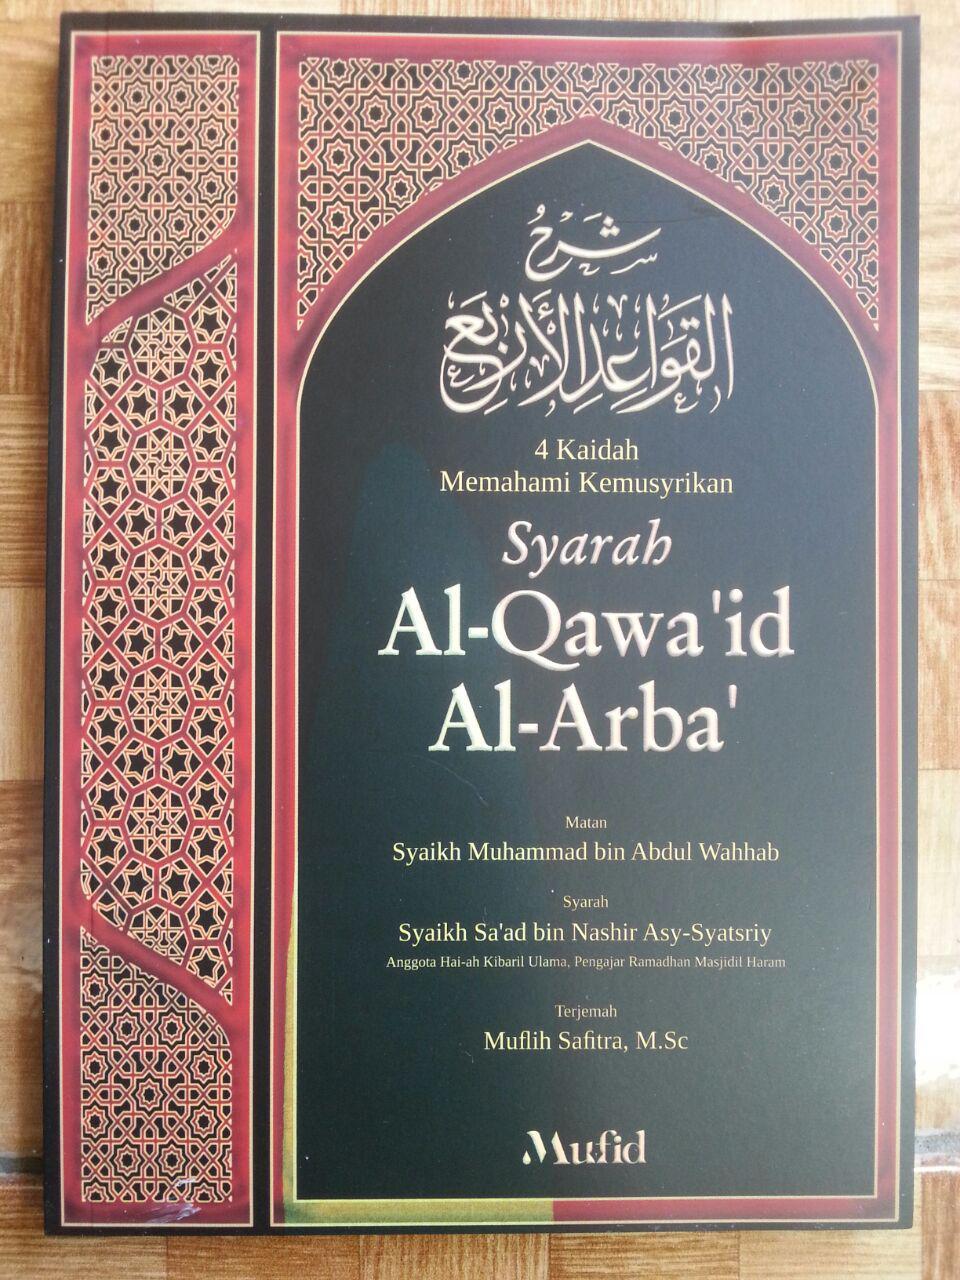 Buku Syarah al-Qawa'id al-Arba' 4 Kaidah Memahami Kemusyrikan cover 2